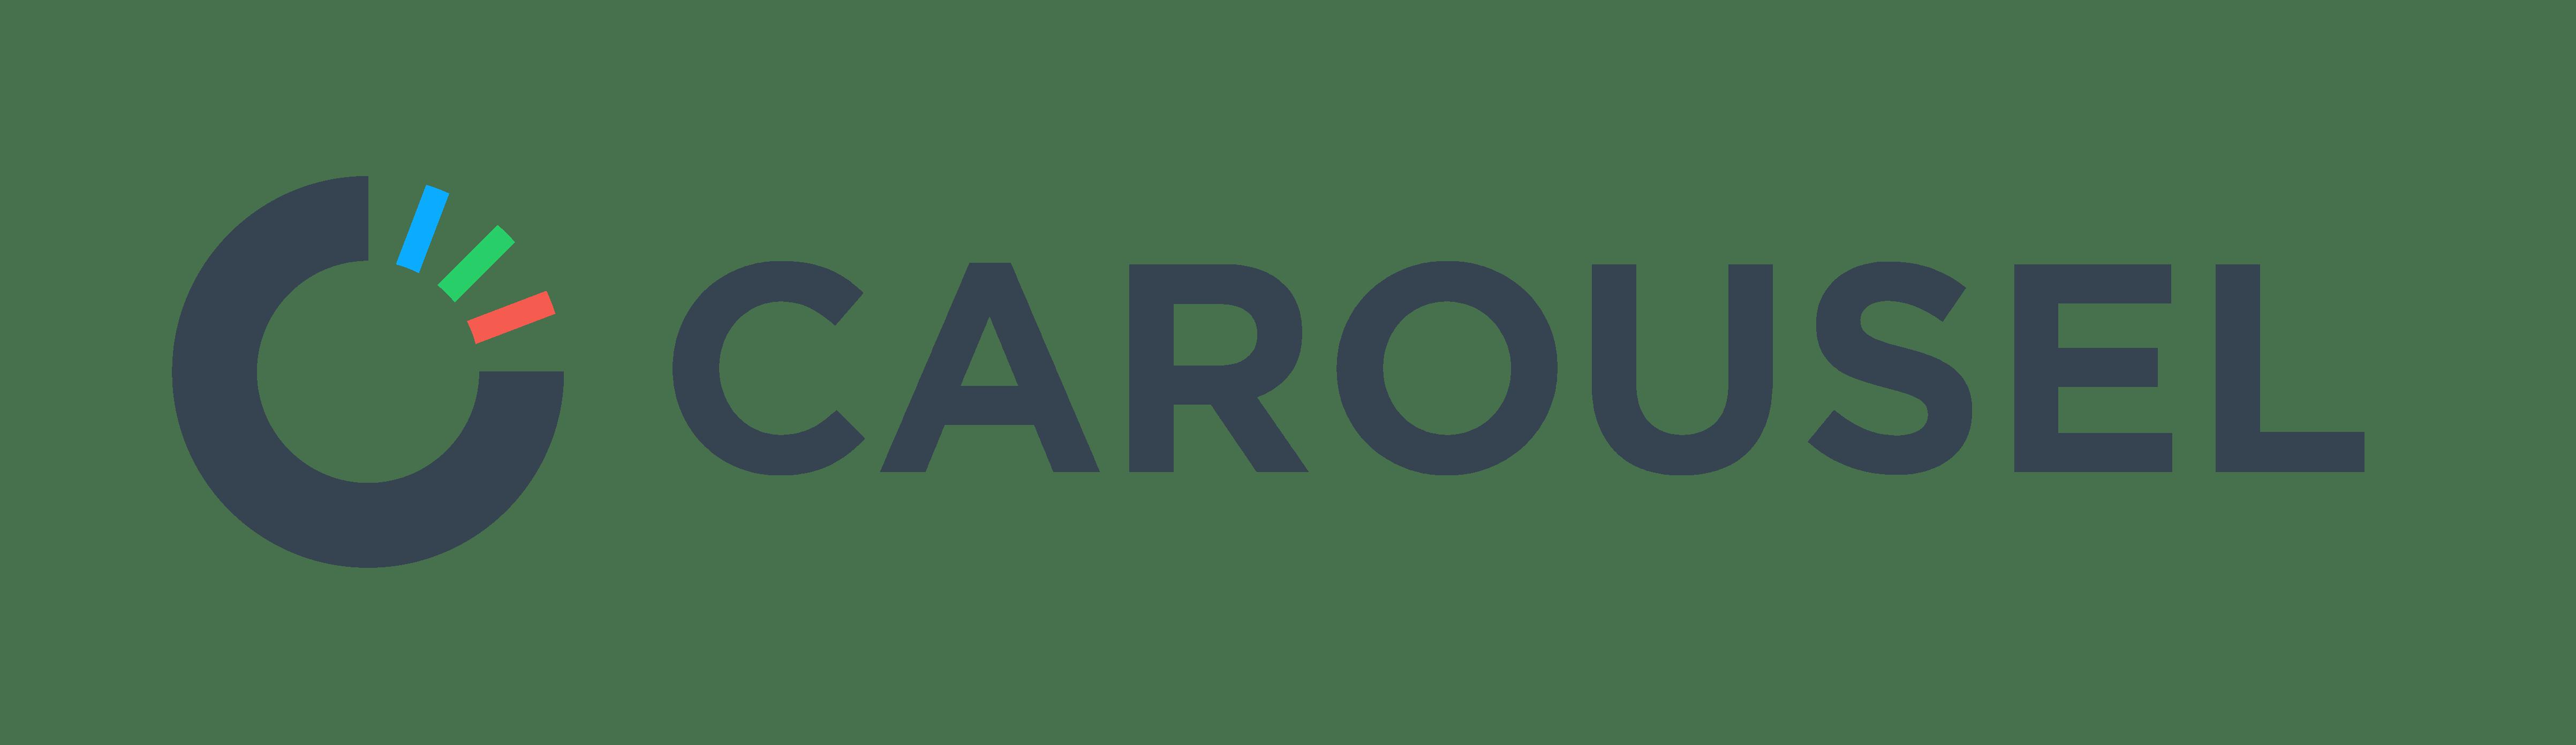 carousel logos carousel horizontal